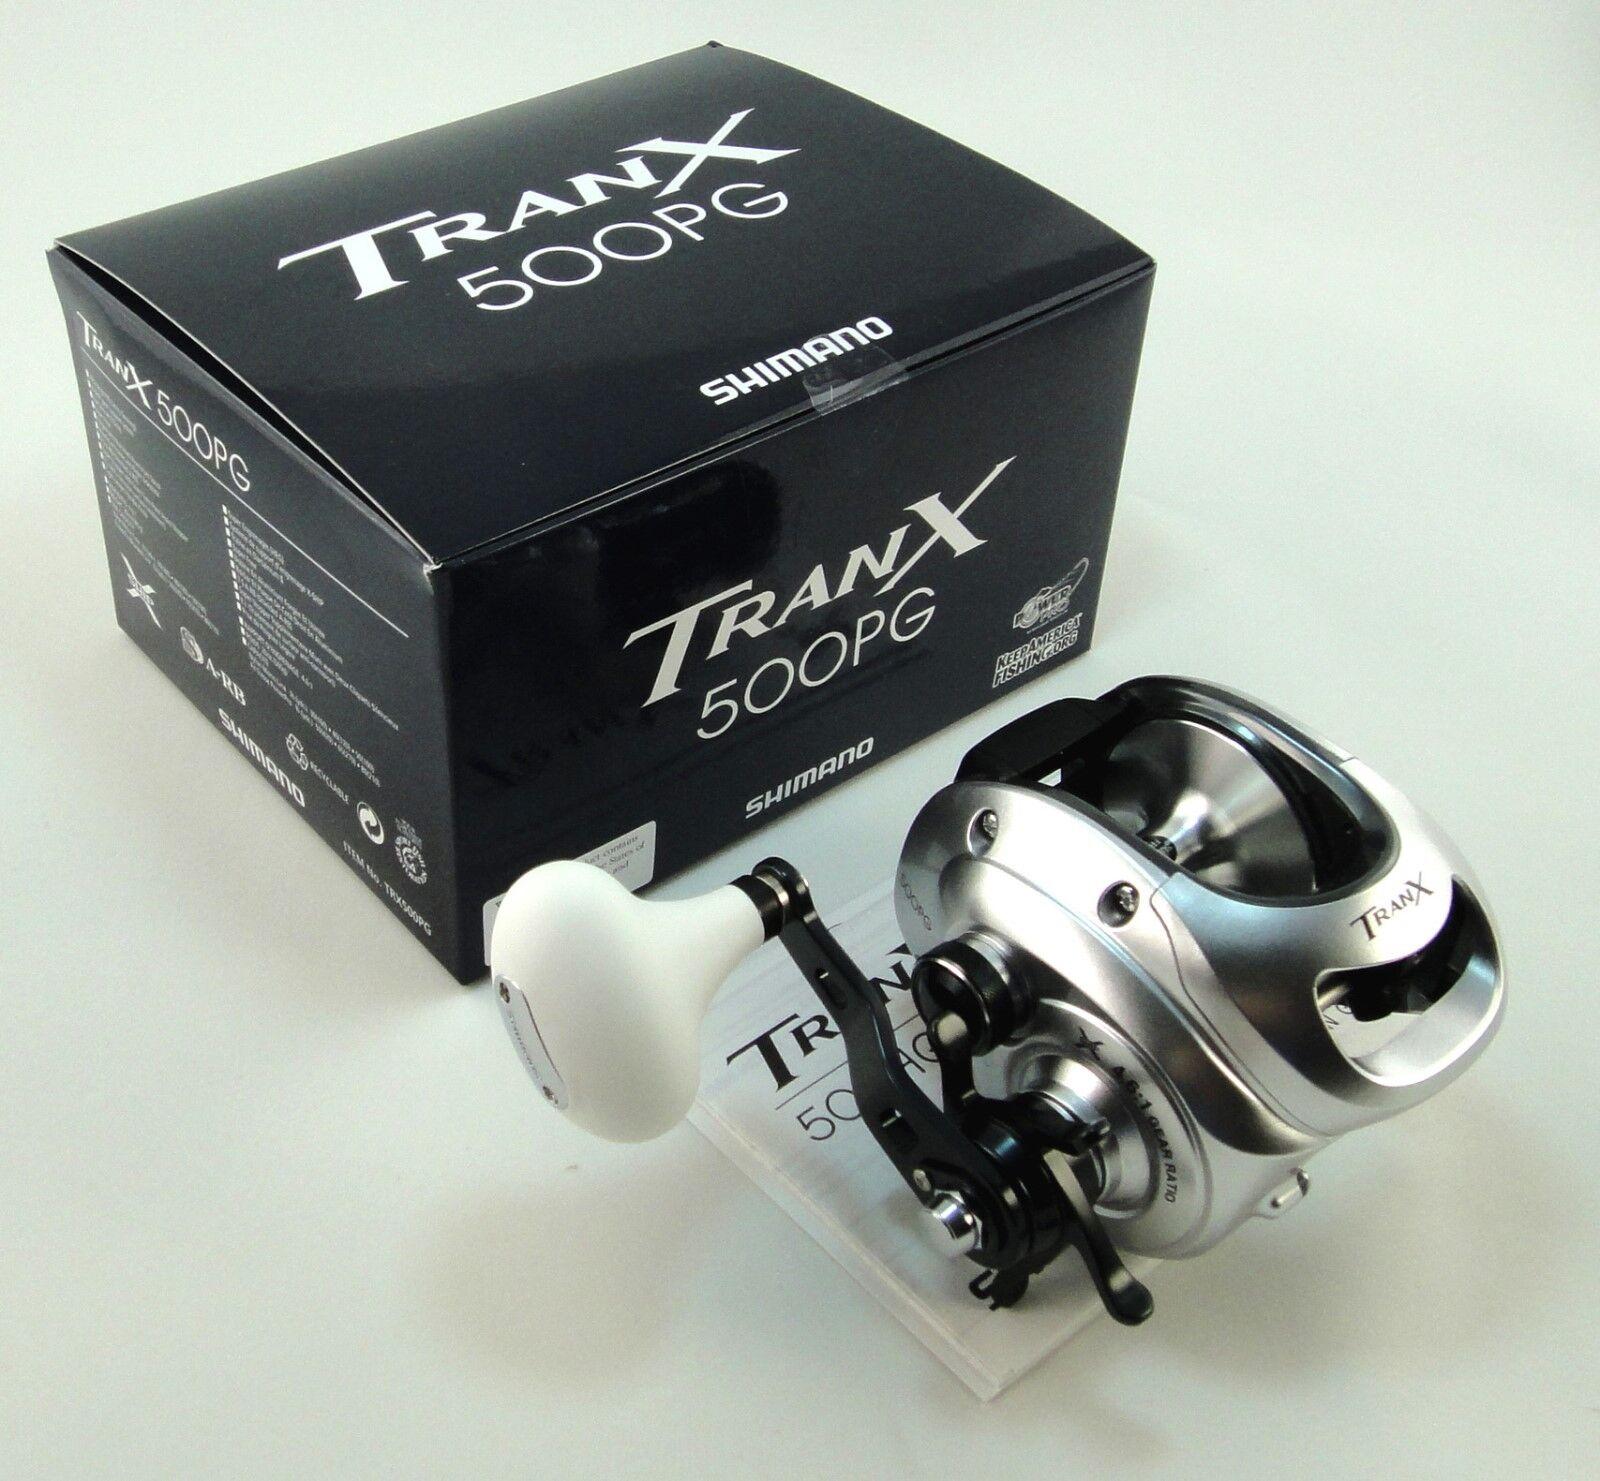 Nuevo TranX 500PG 500 PG SW Shimano Casting Reel   envío prioritario 1-3 días